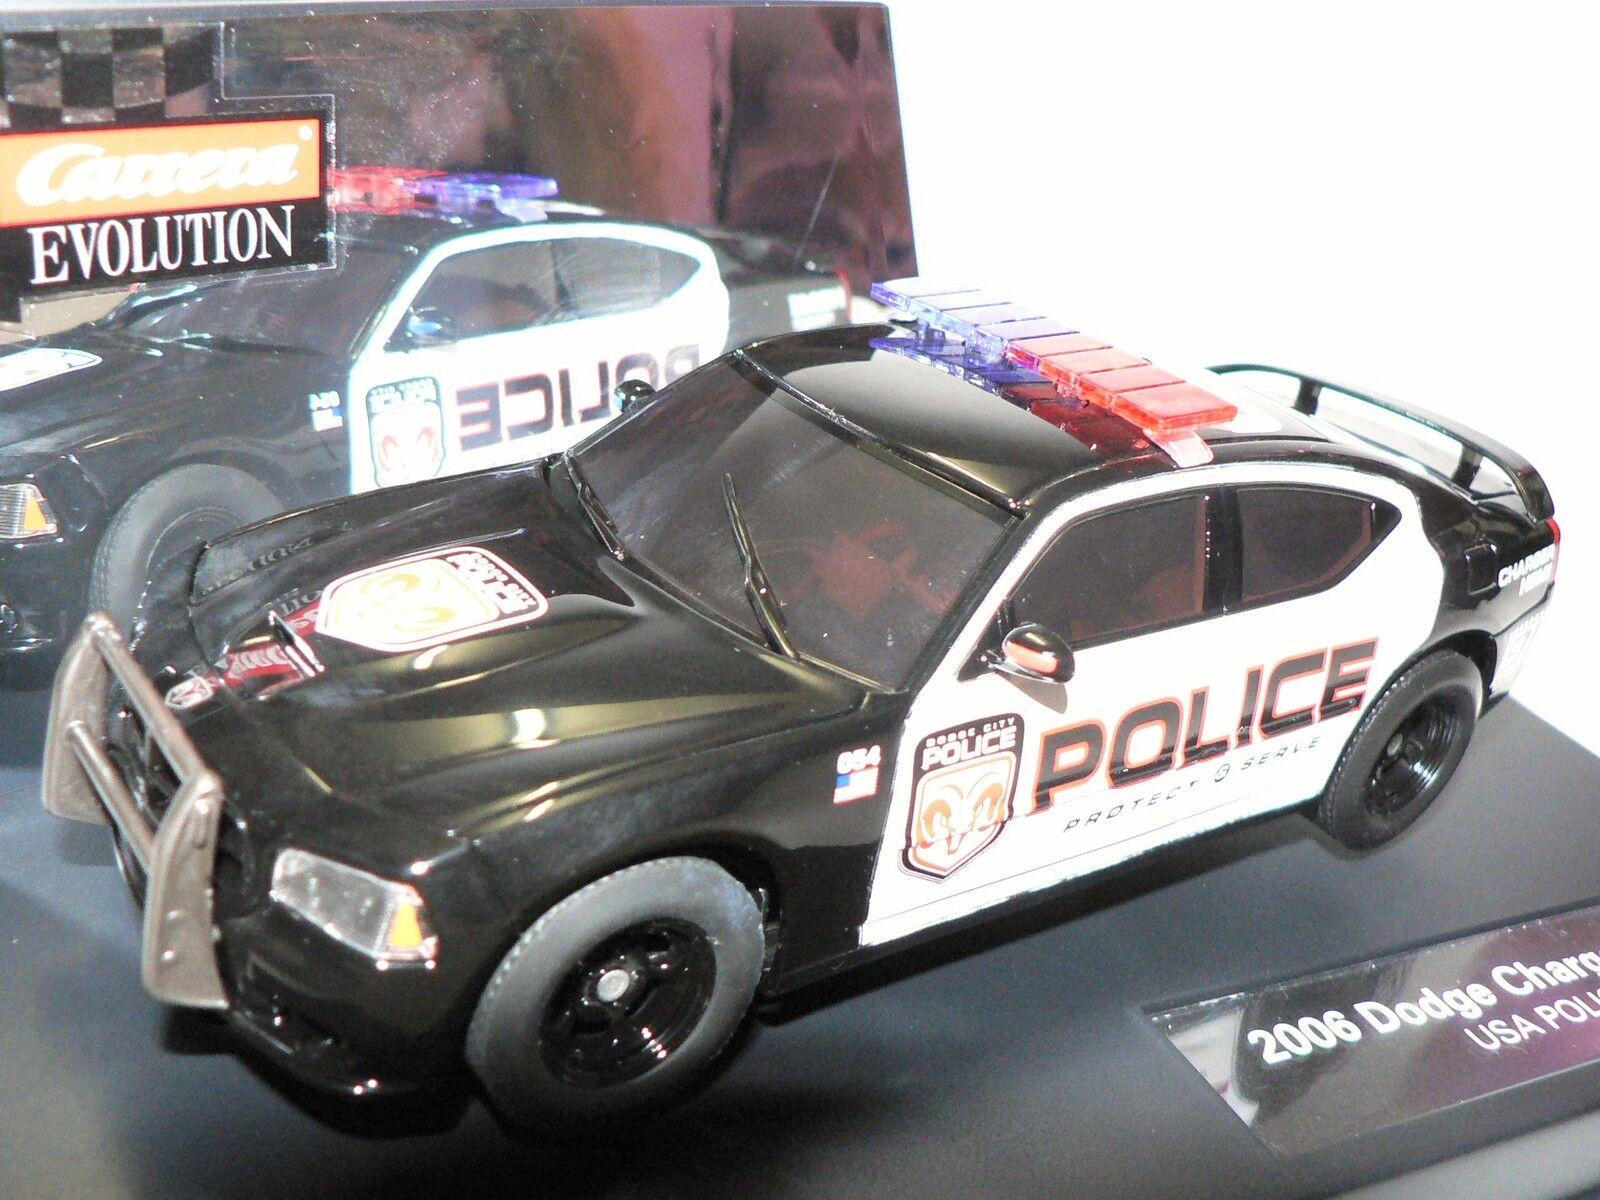 compra meglio autorera Evolution 27252 Dodge Charger 2006 Srt 8 8 8 USA polizia Nuovo  comprare sconti